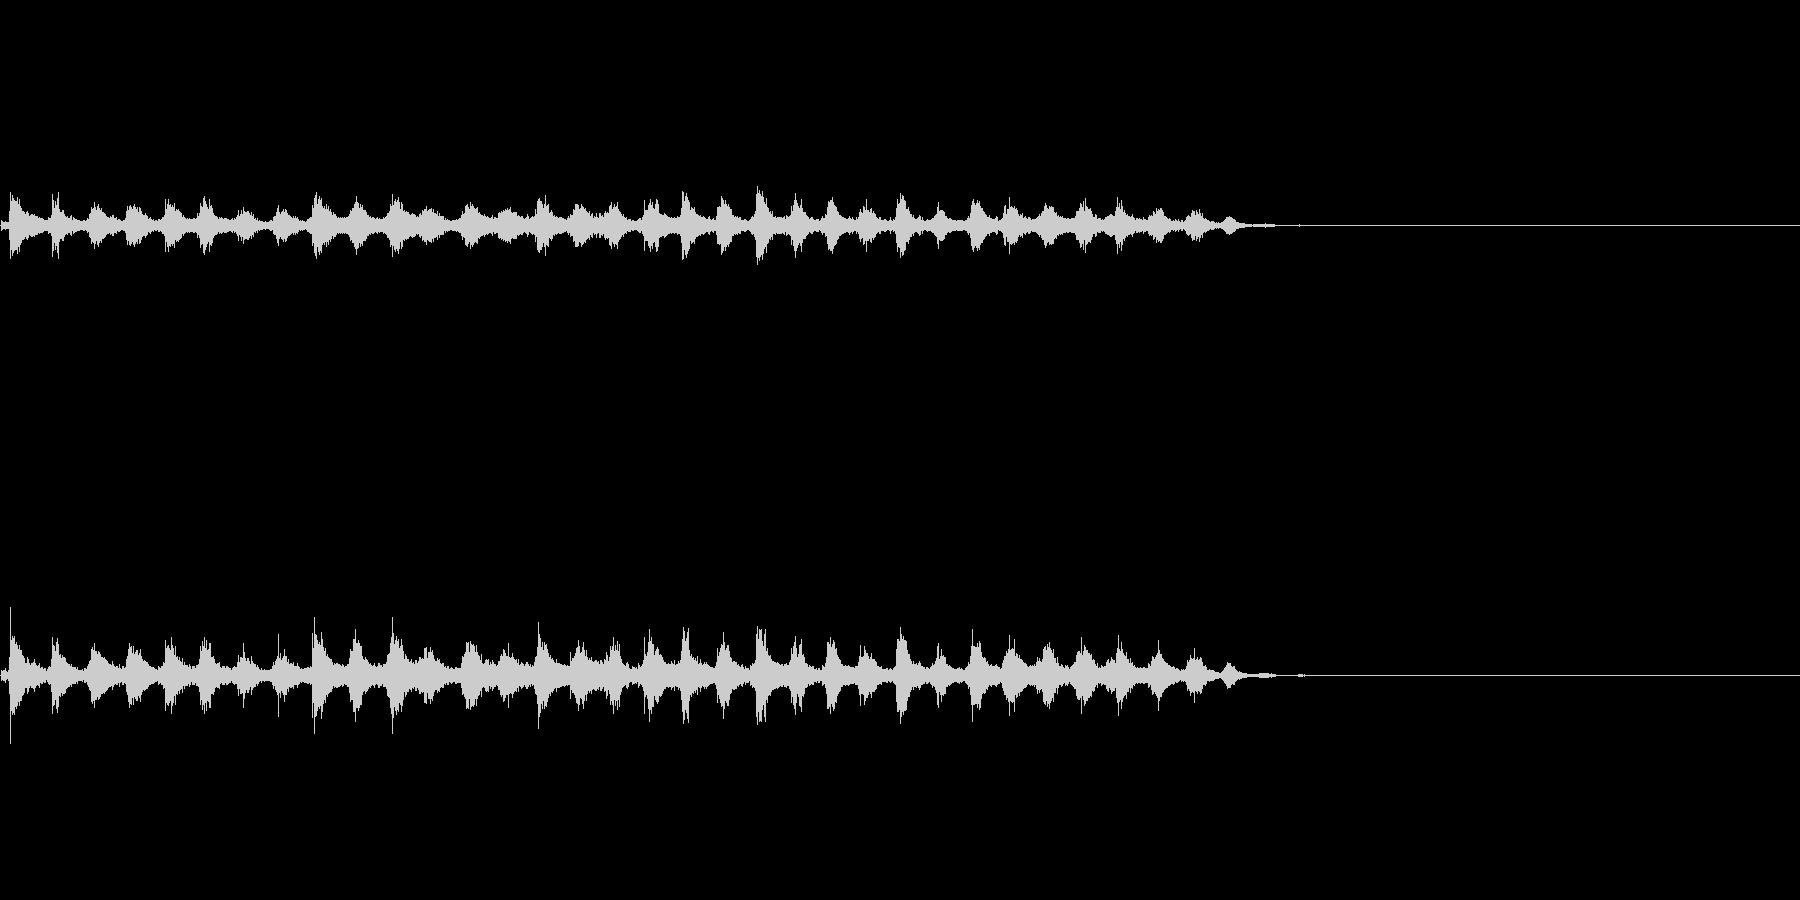 『チャッパ』和製シンバルのフレーズ3FXの未再生の波形